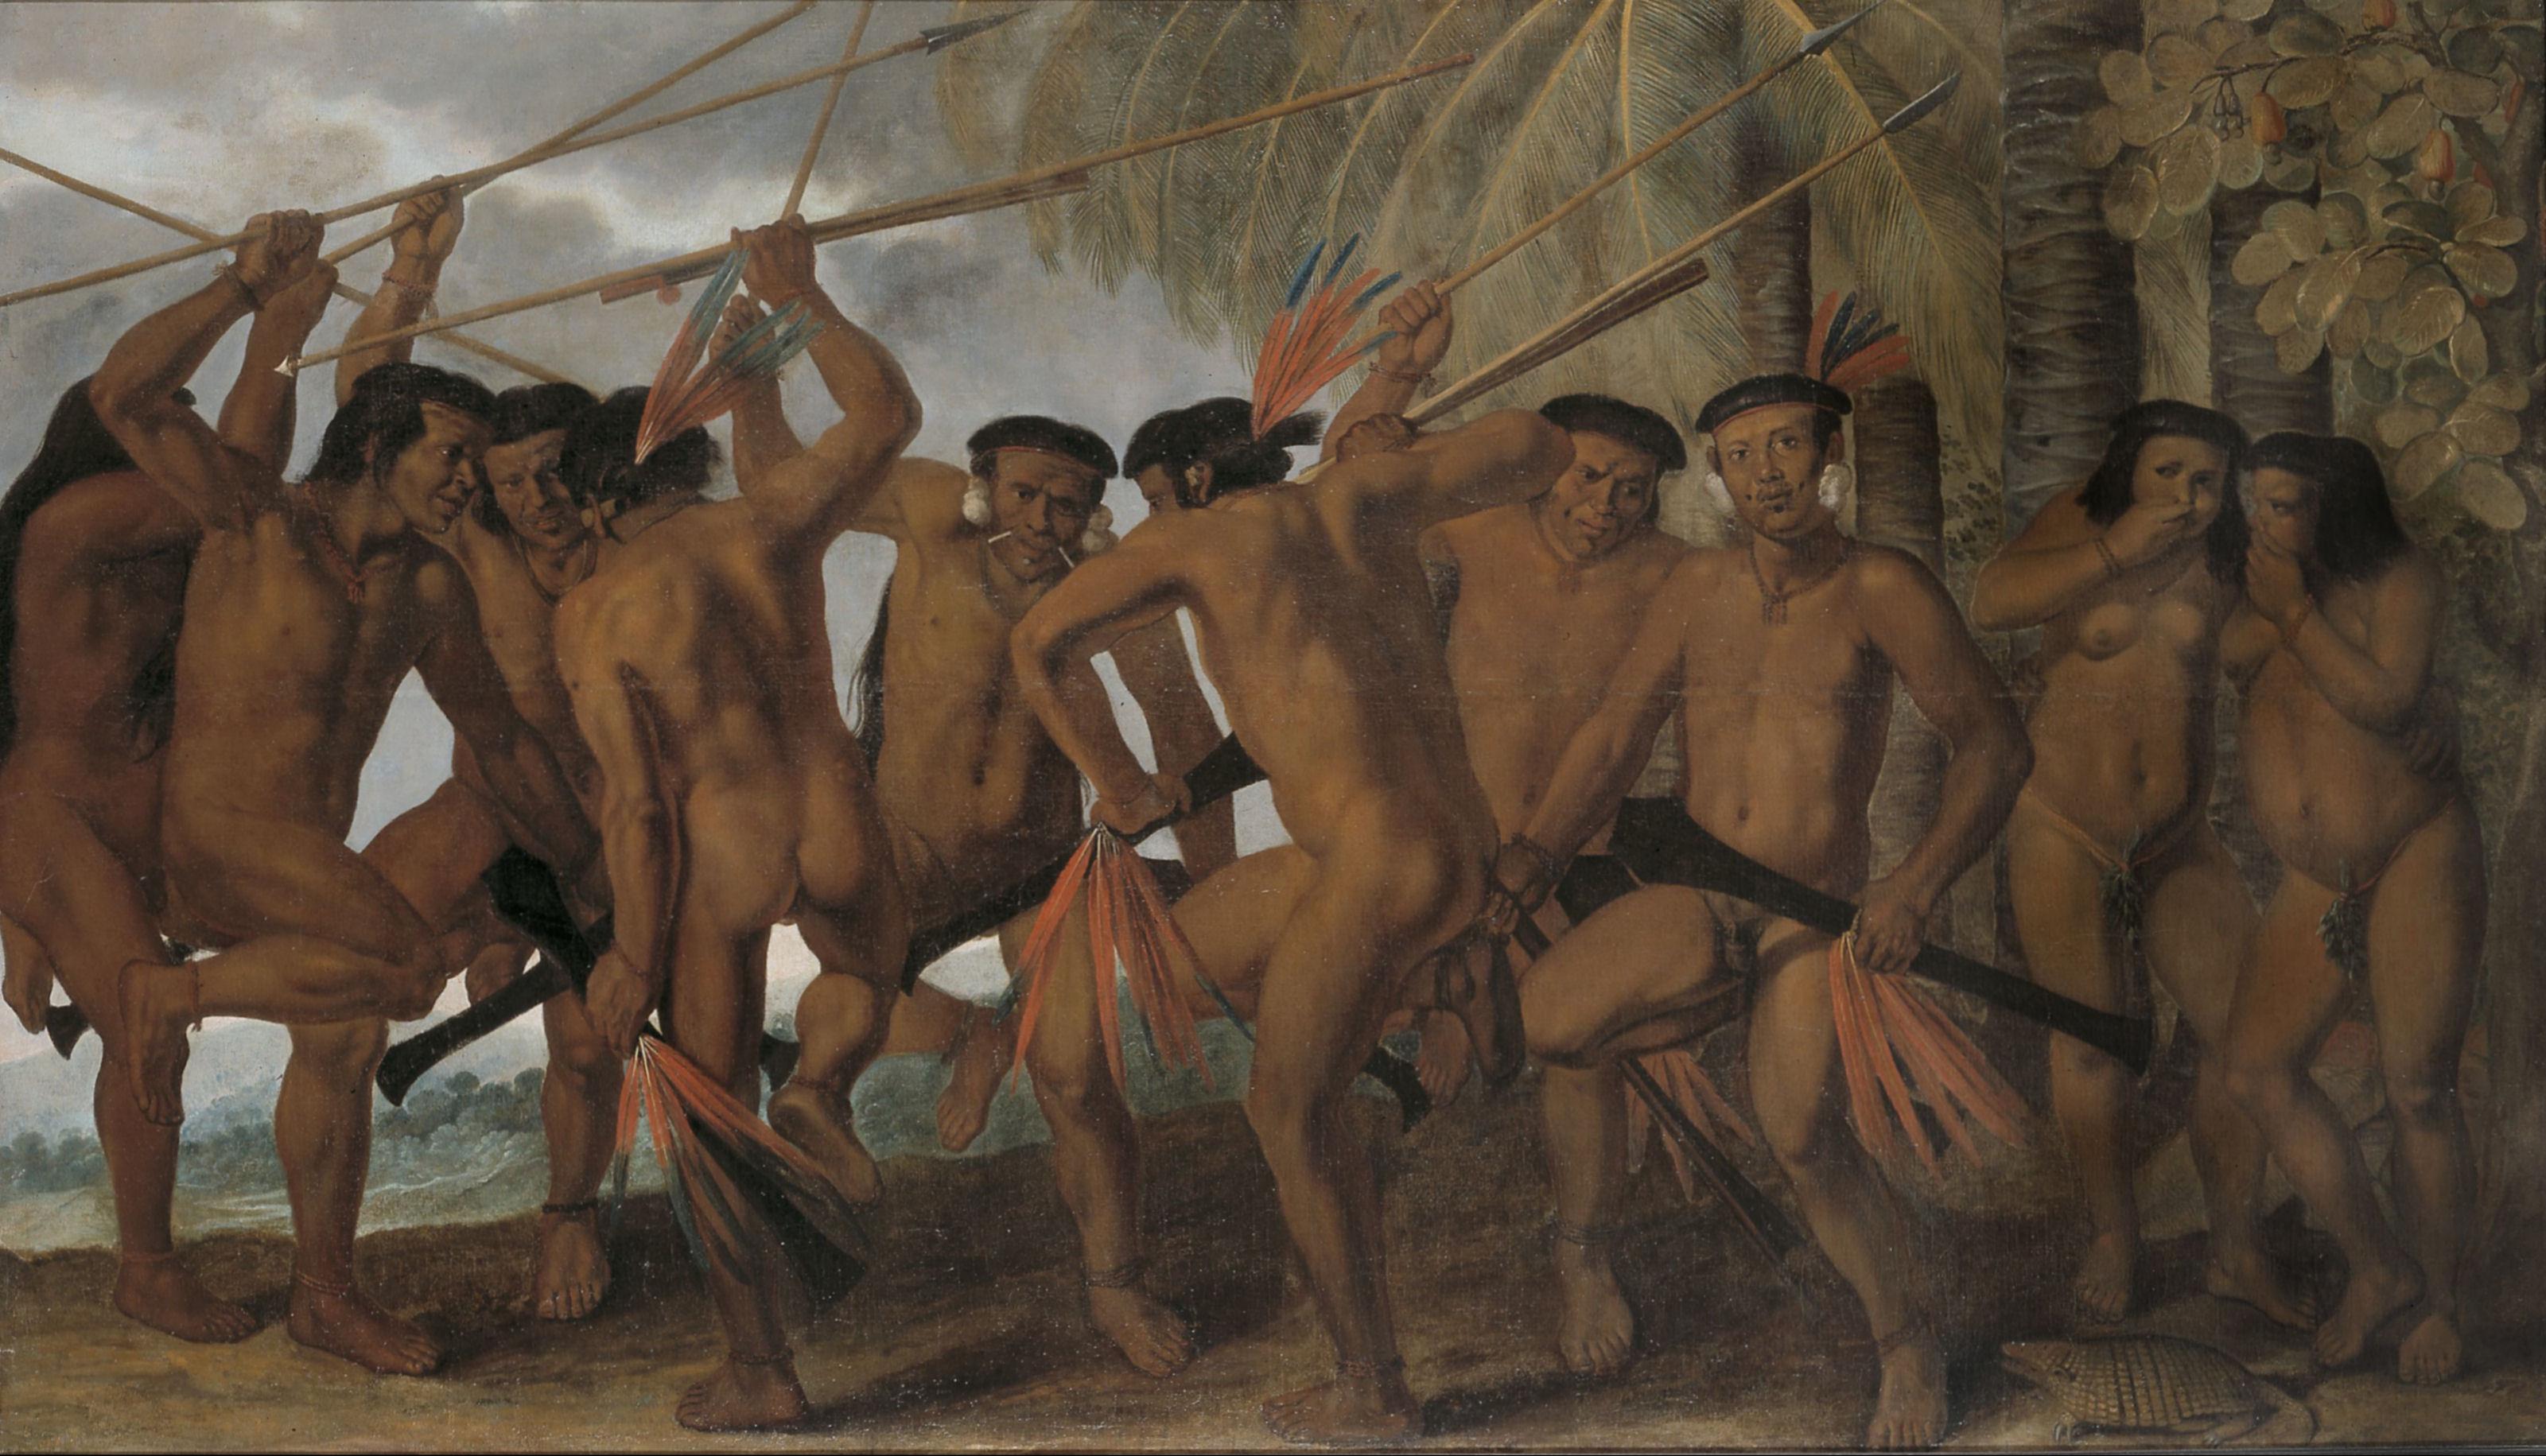 Resultado de imagem para indios brigando contra o homem branco